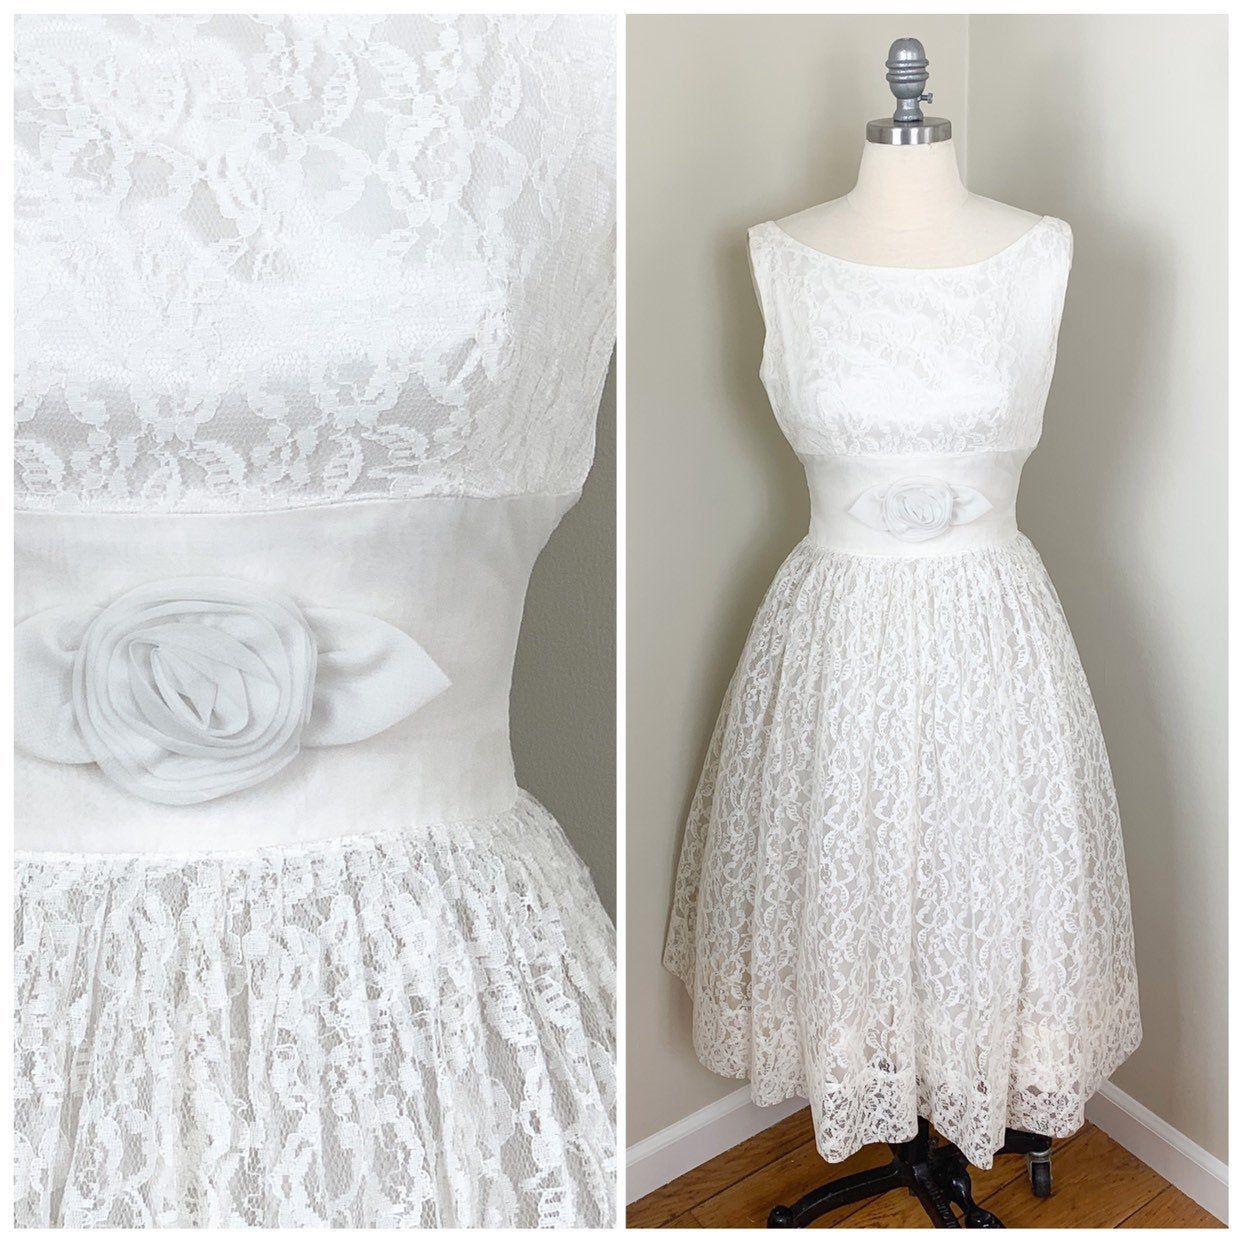 R E S E R V E D Vintage White Lace And Chiffon Sleeveless Etsy Short White Dress Wedding Wedding Dresses Vintage White Lace Dress [ 1242 x 1242 Pixel ]